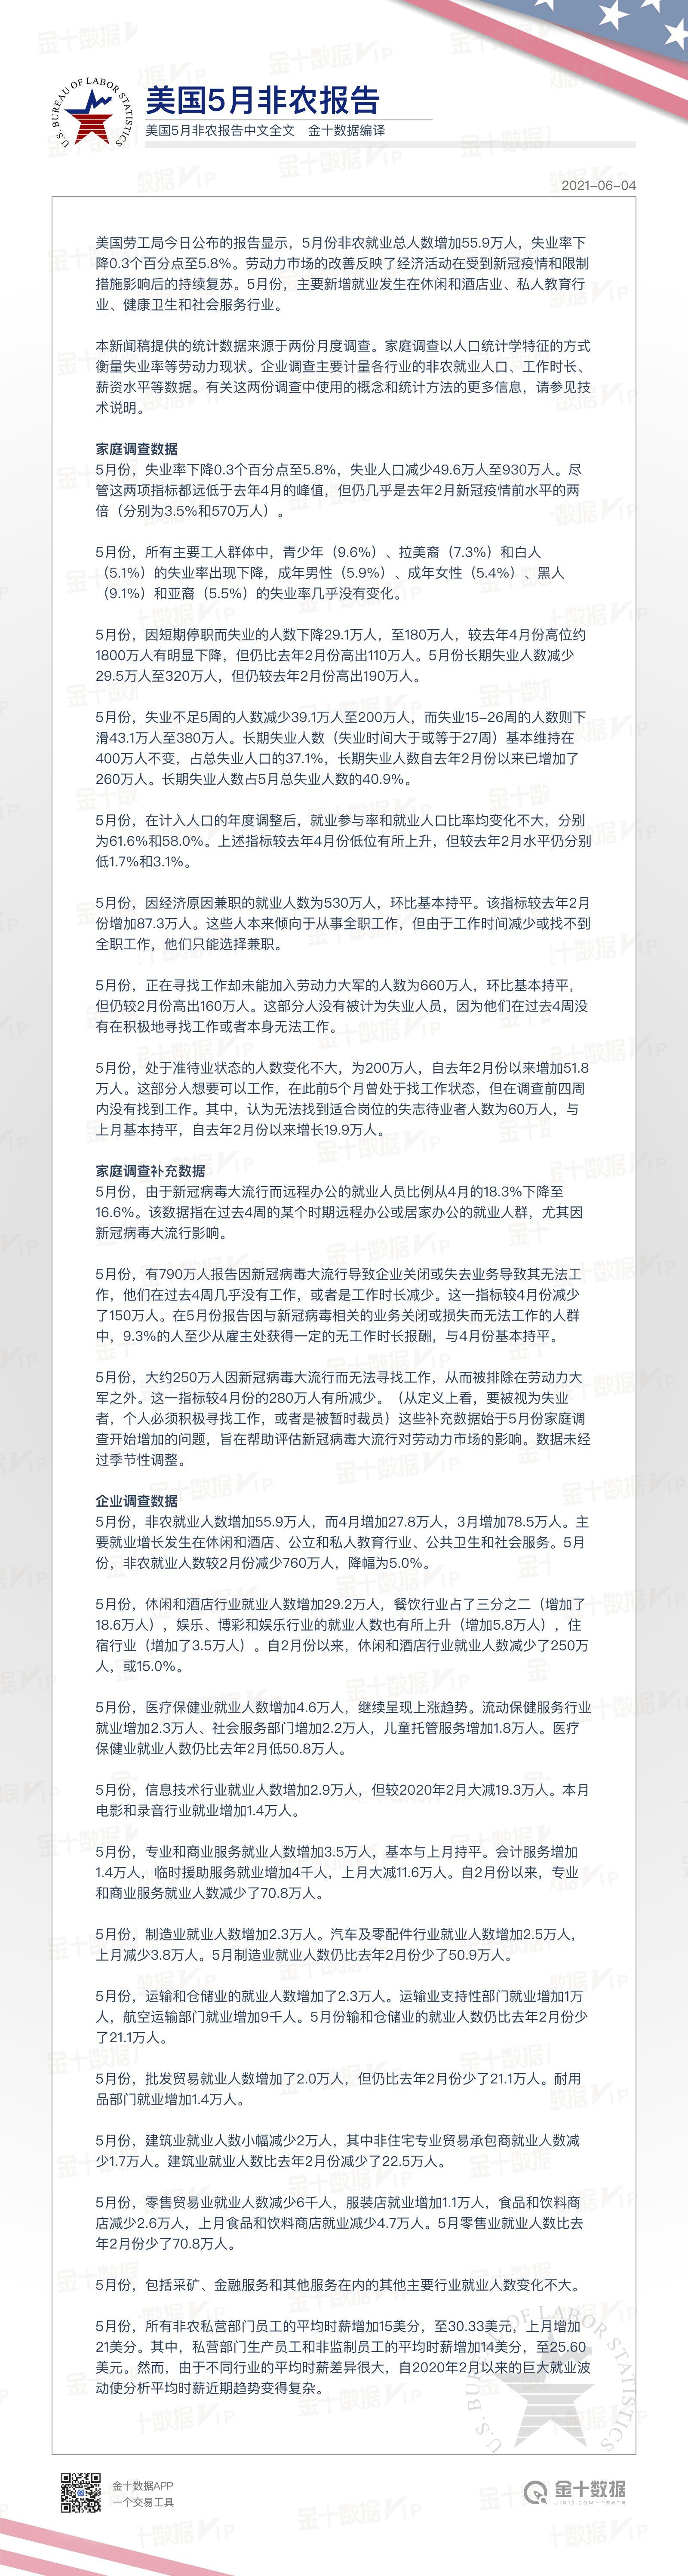 美国5月非农就业报告中文全文